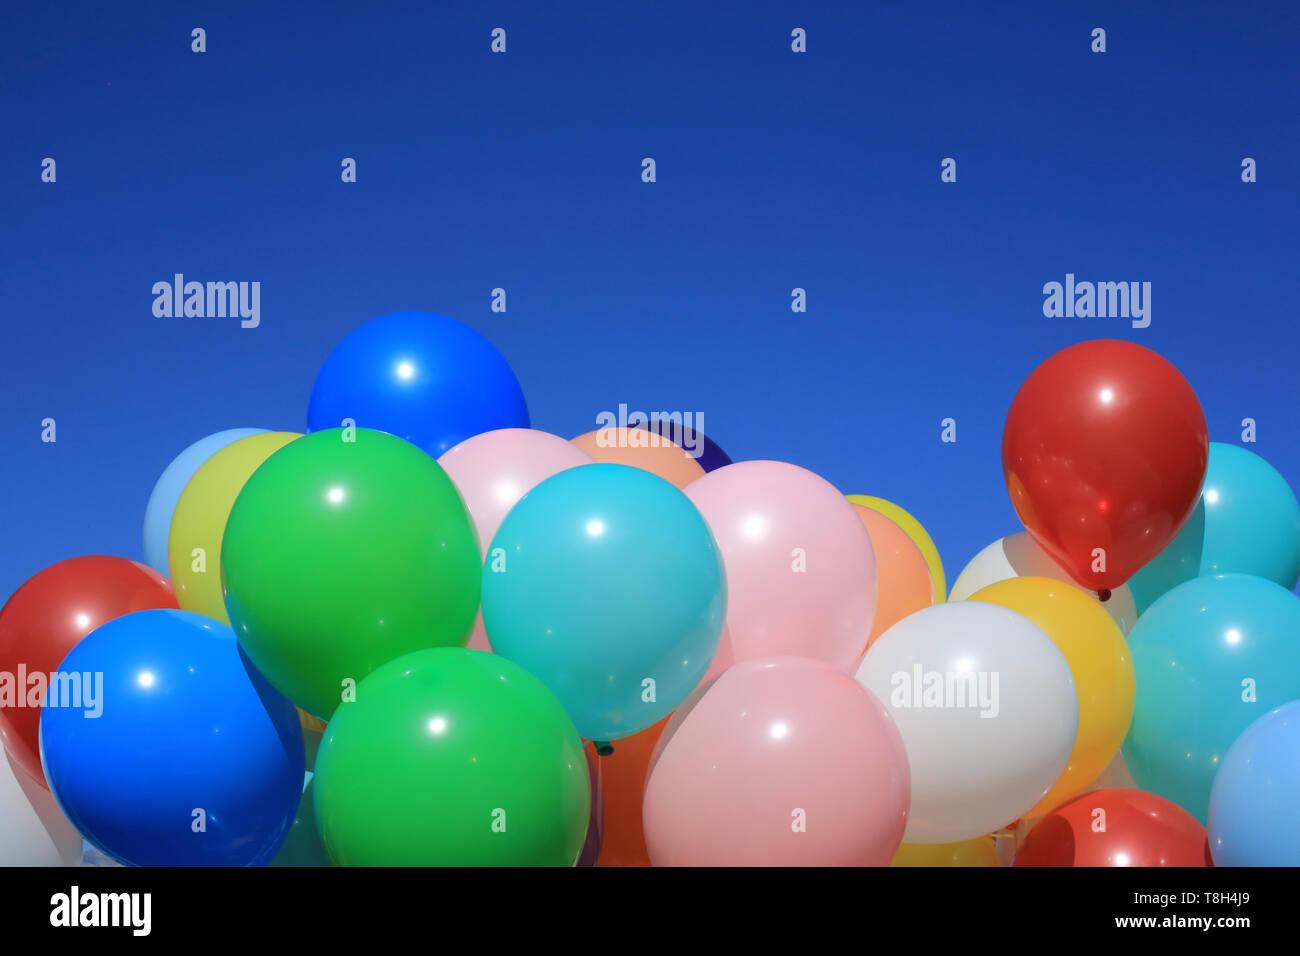 Ballons de baudruche de toutes les couleurs. - Stock Image